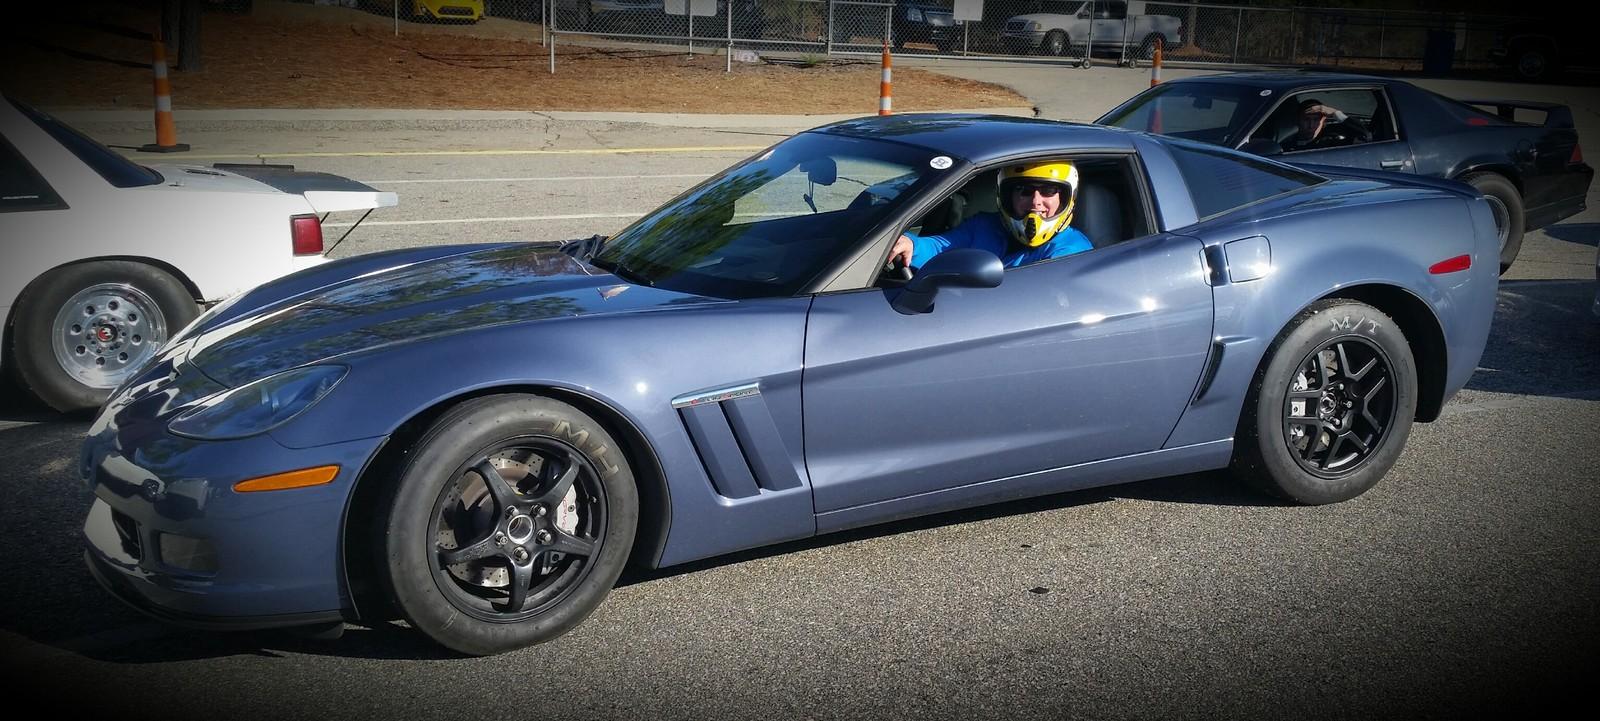 Corvette 2012 chevy corvette : 2012 Chevrolet Corvette Grand Sport Bolt-ons 1/4 mile Drag Racing ...